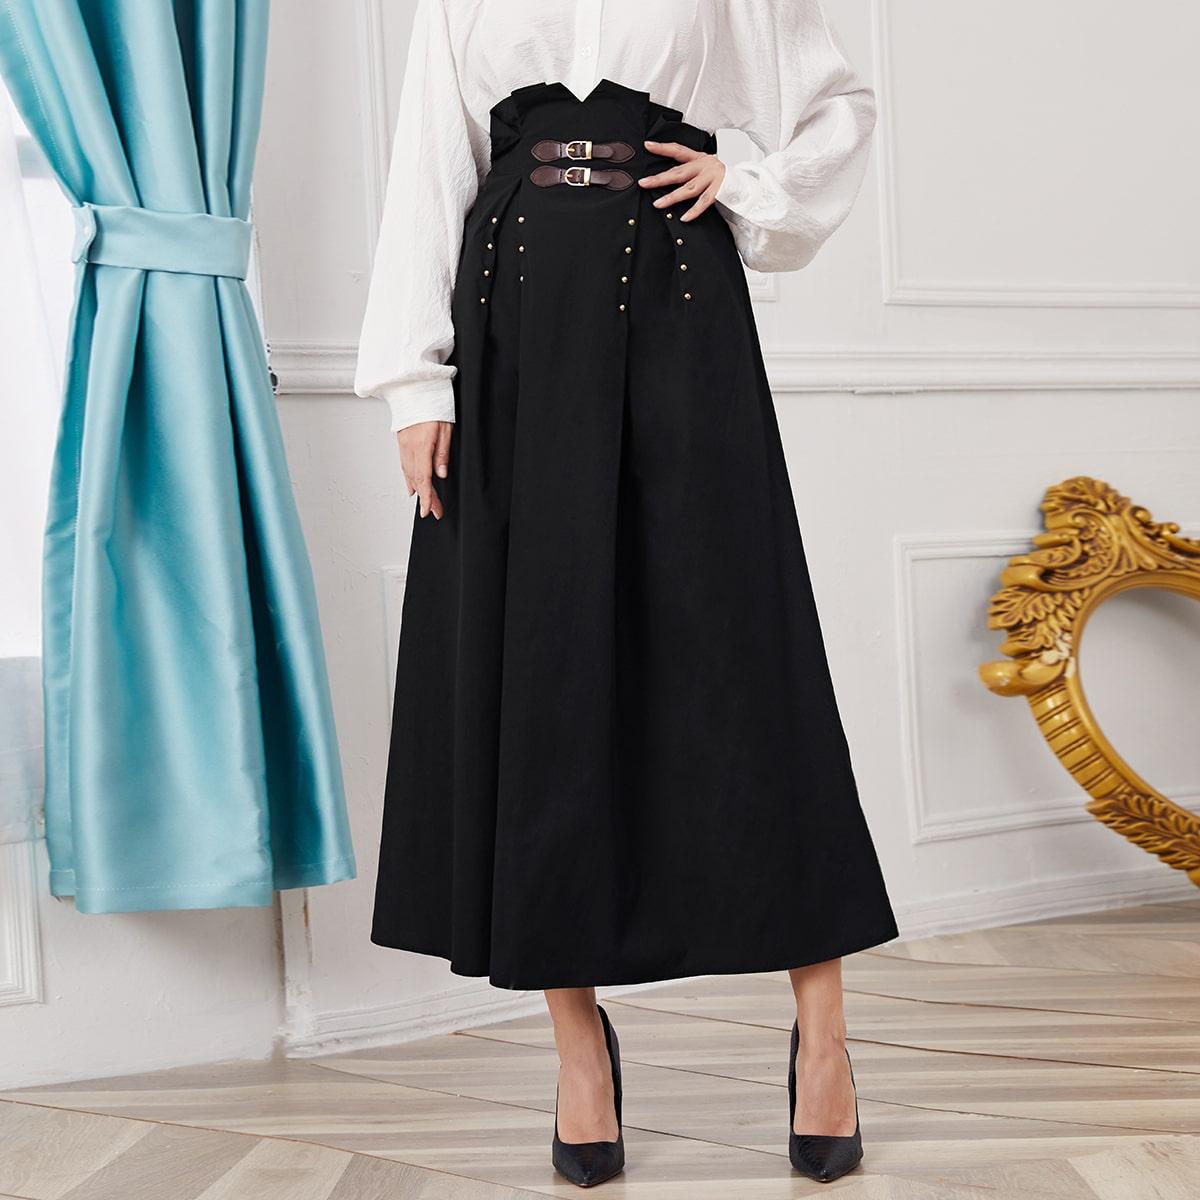 Асимметричная юбка с пряжкой и бисерами